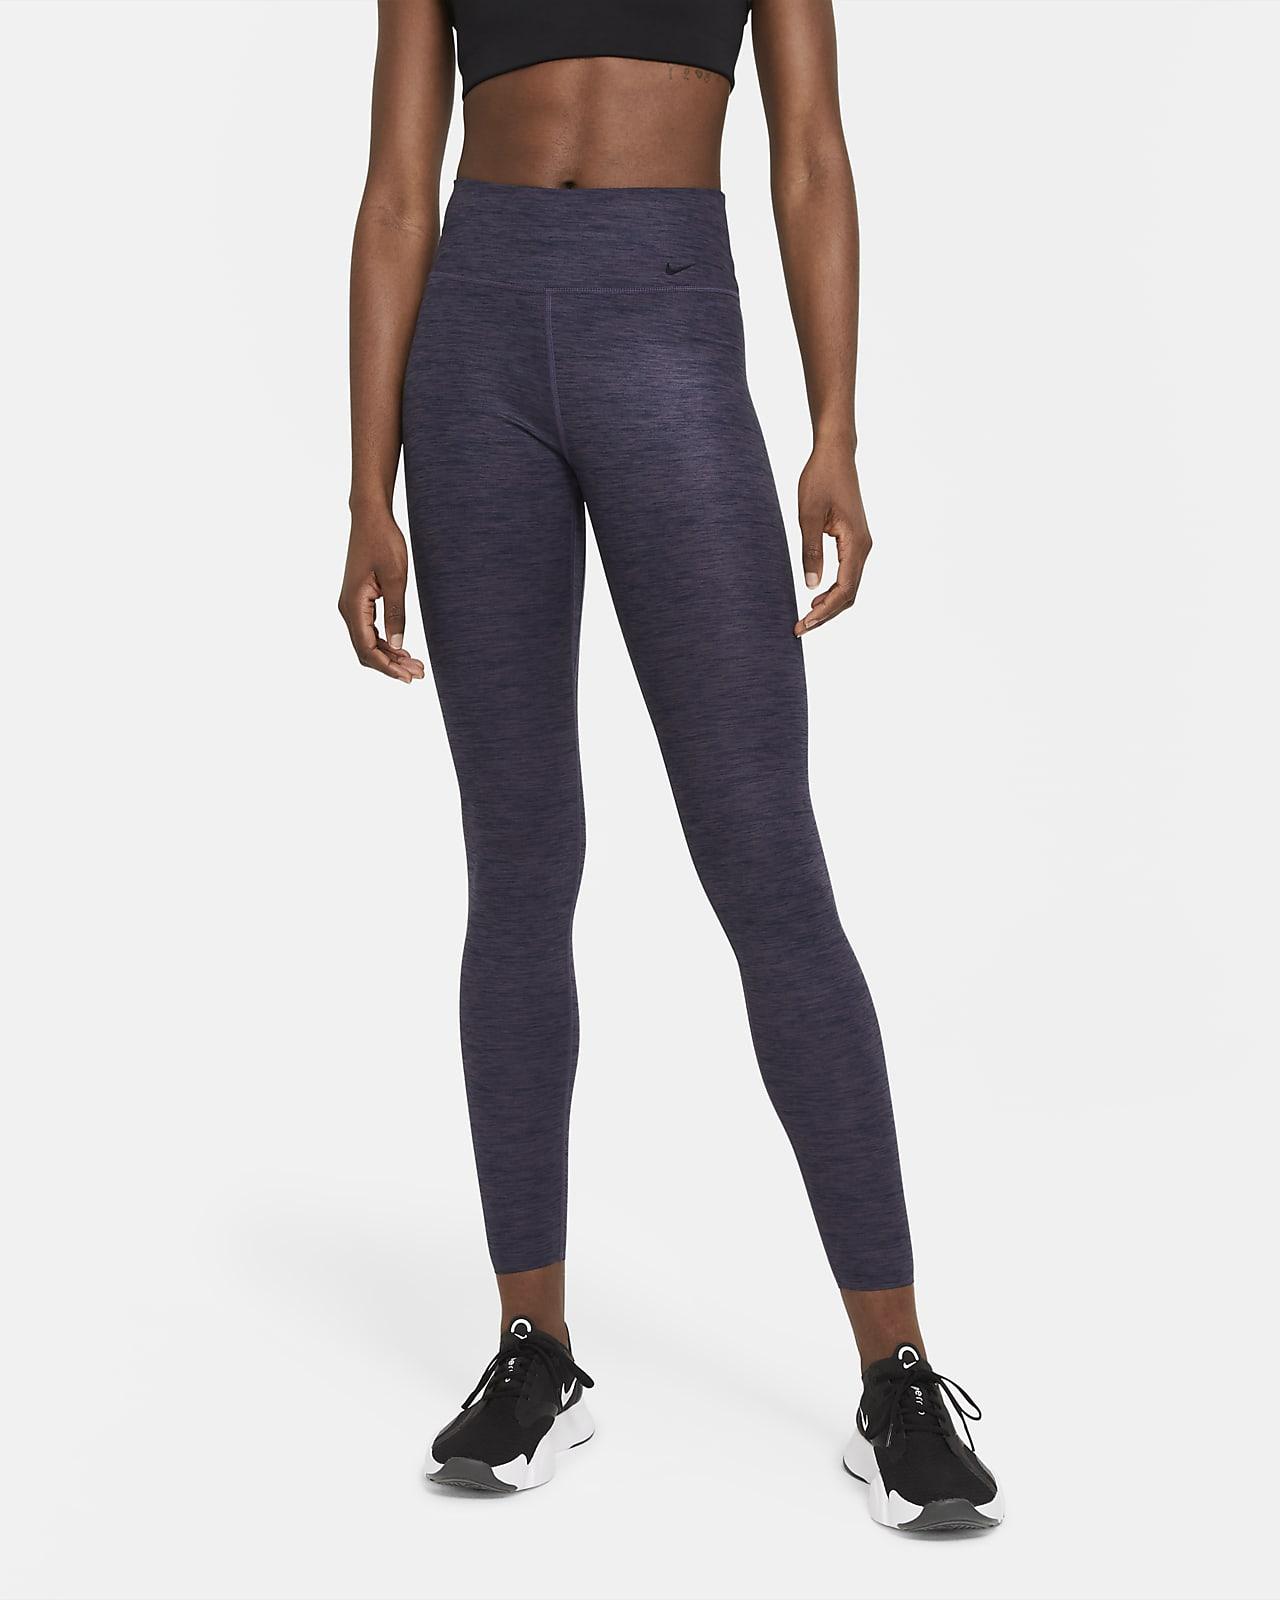 Damskie legginsy ze średnim stanem w melanżowy wzór Nike One Luxe